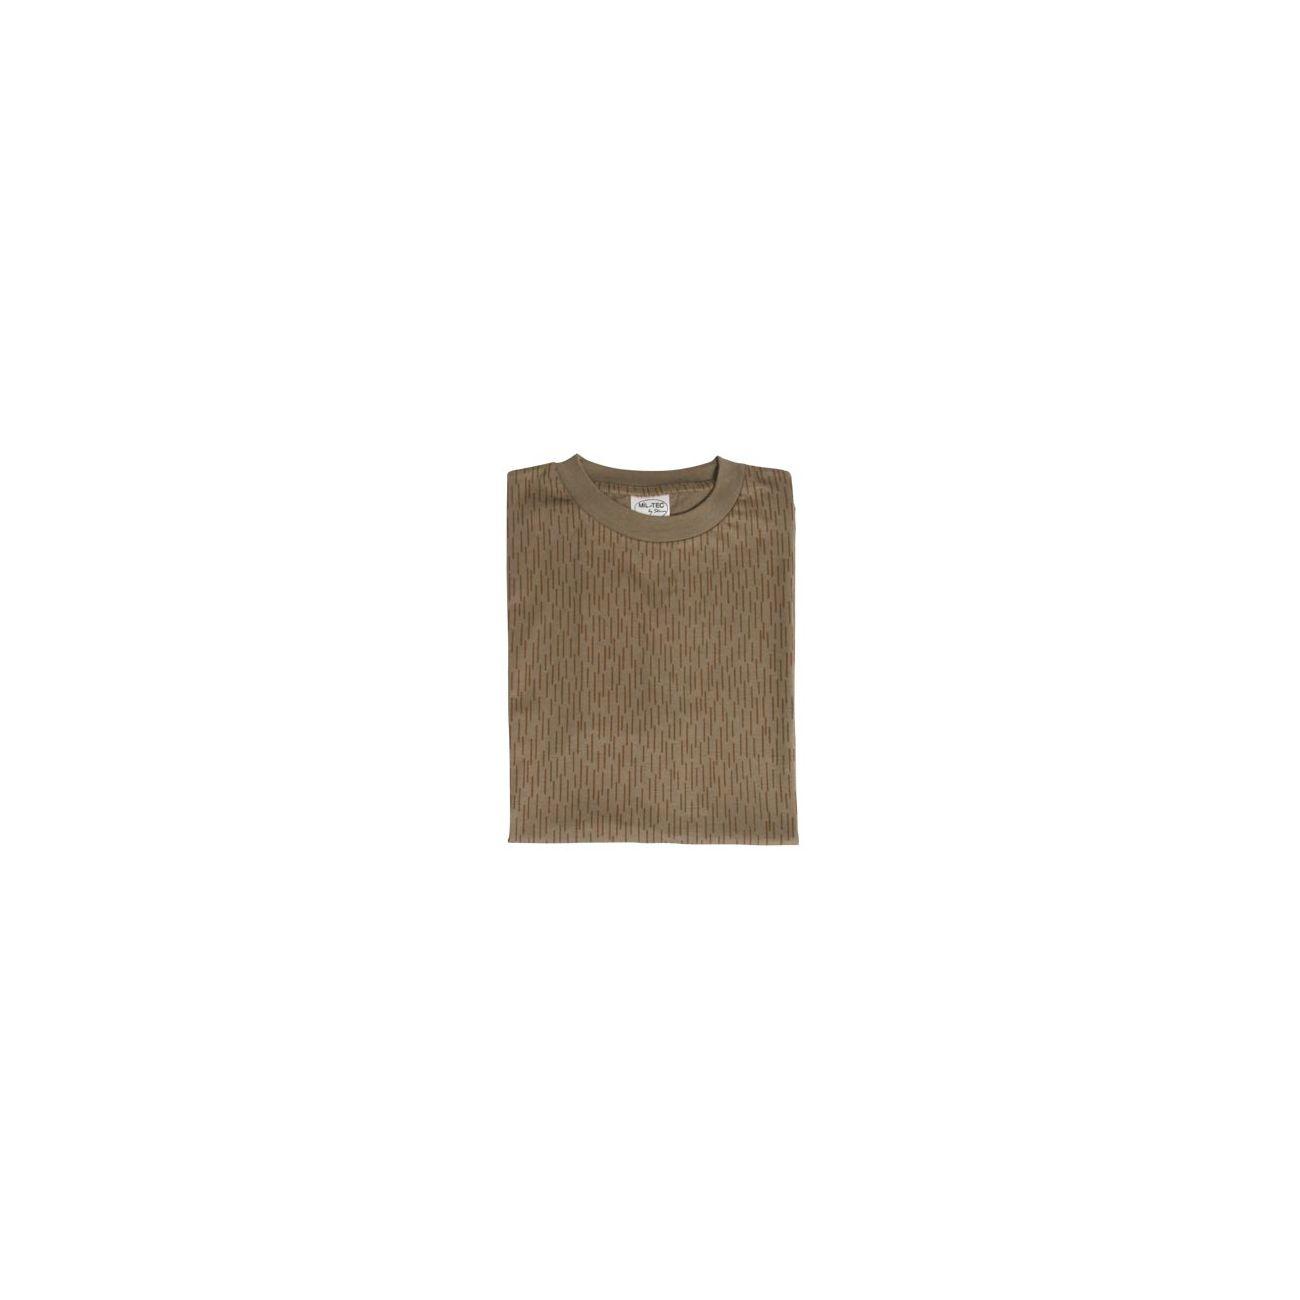 05f001a42863d2 T-Shirt Tarnshirt NVA-Tarn günstig kaufen - Kotte & Zeller